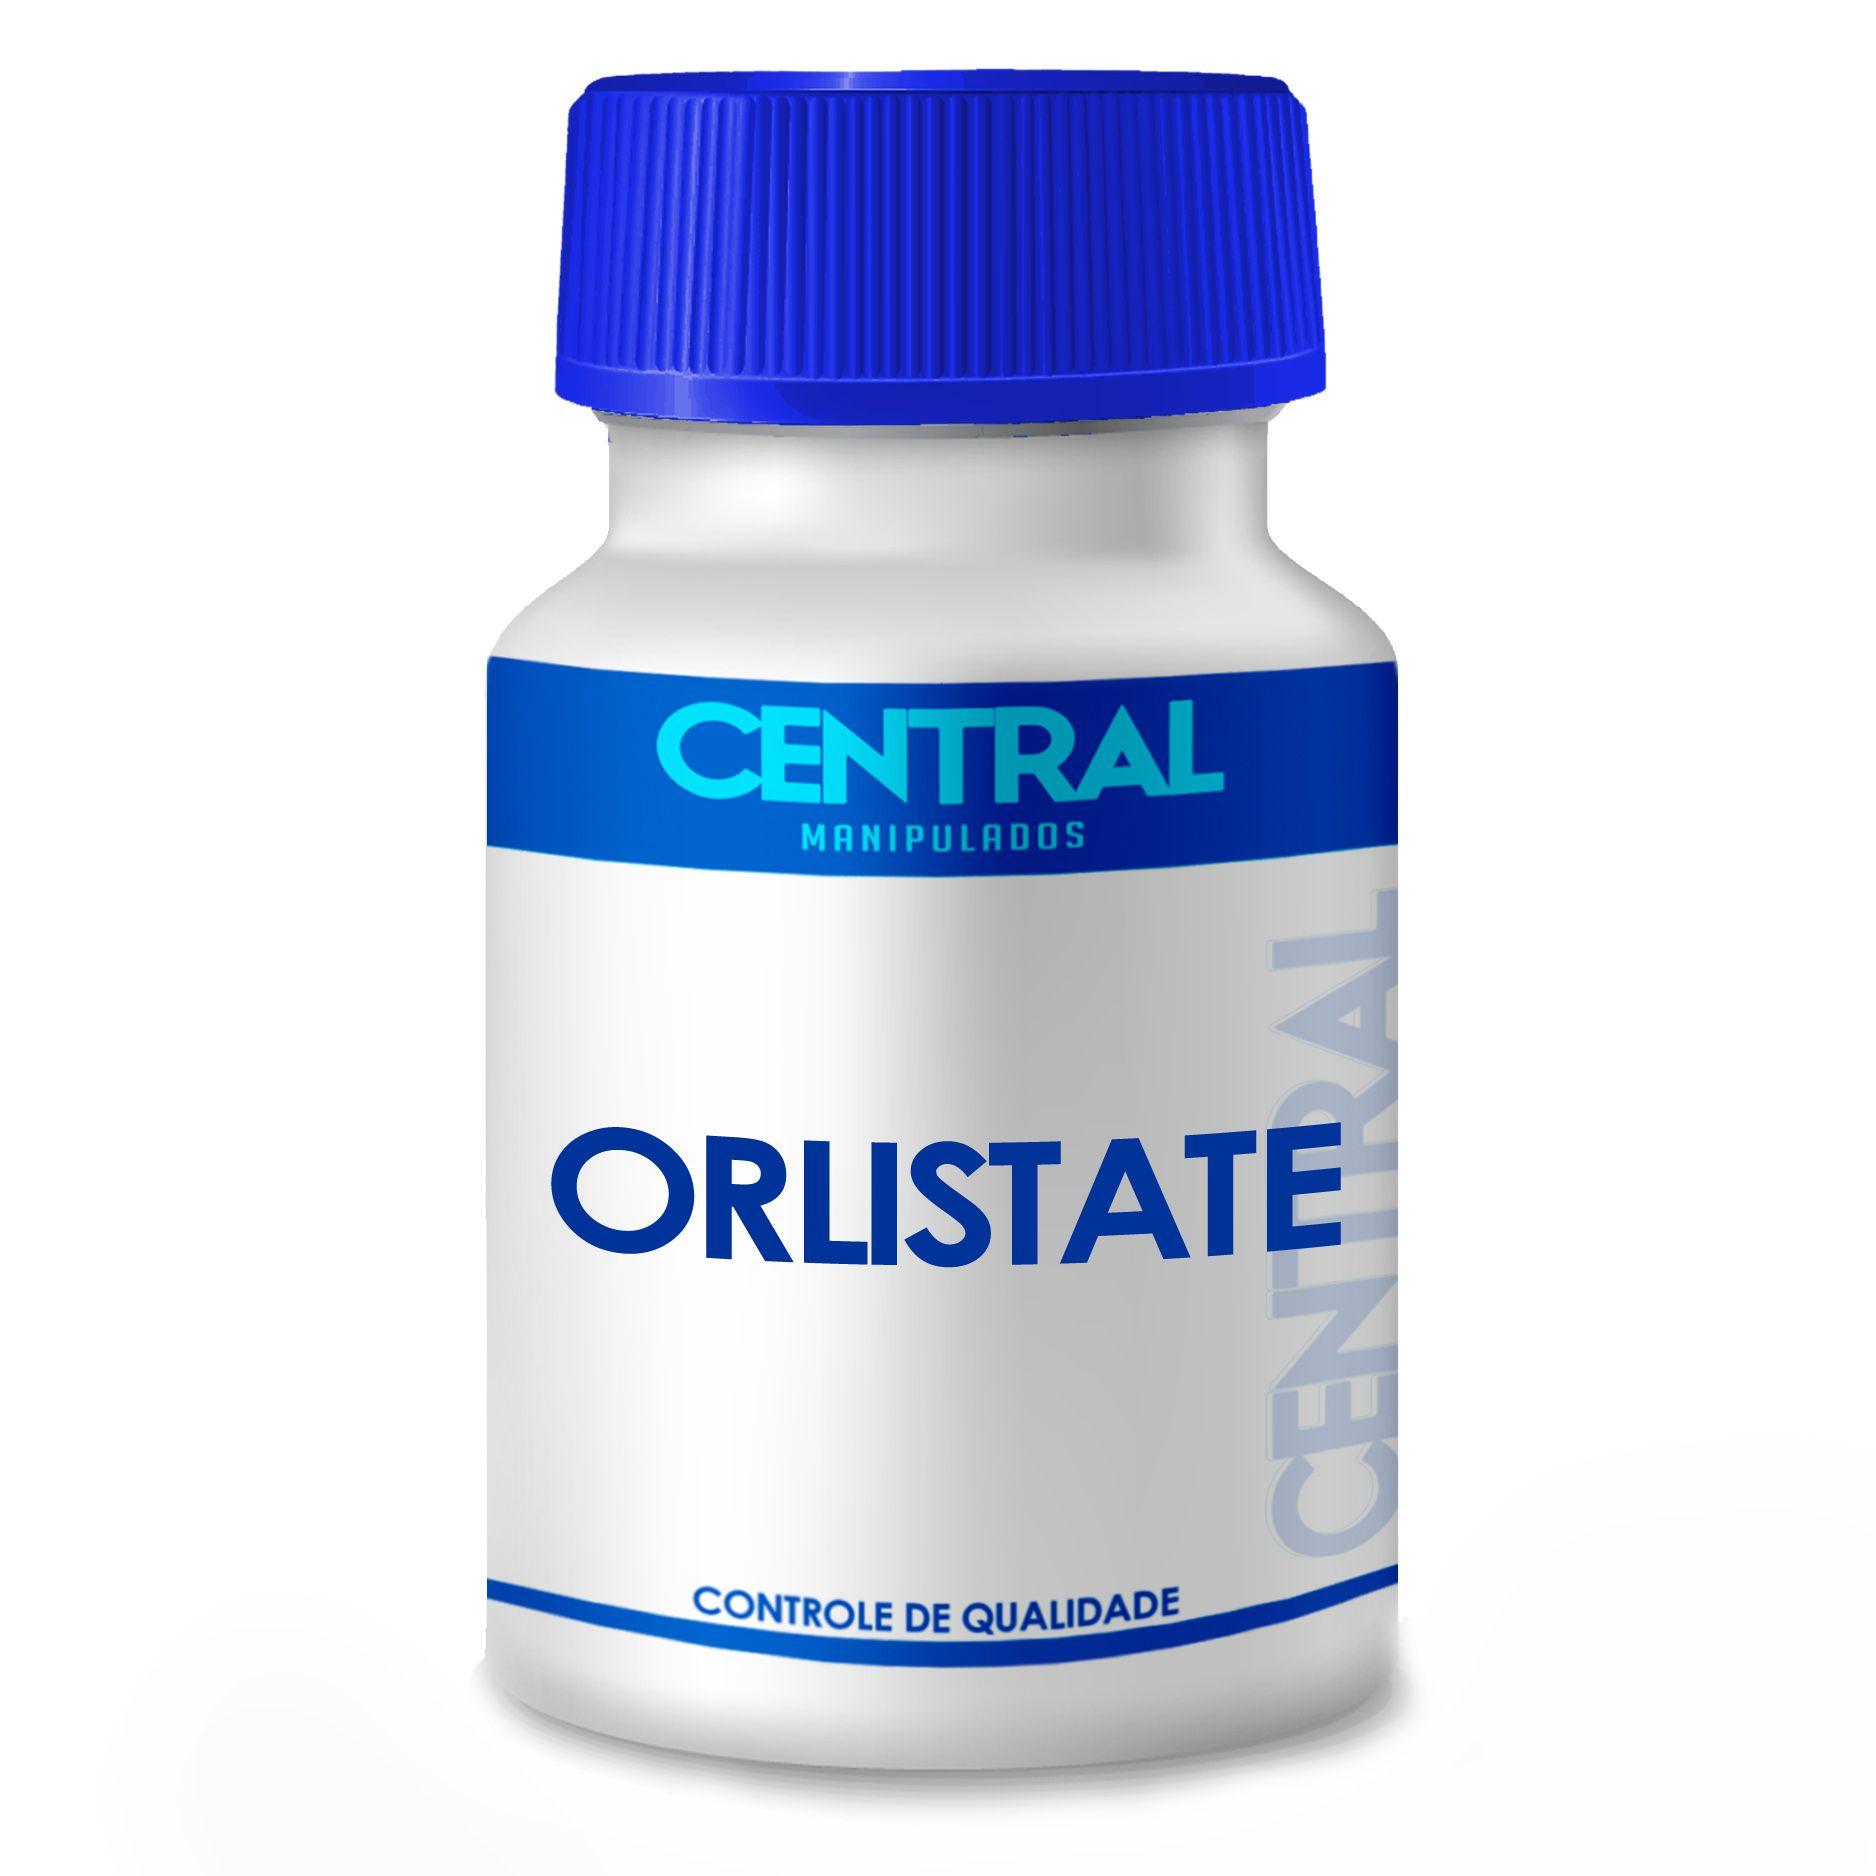 Orlistate 120mg 60 cápsulas - Emagrecedor, Impede a Absorção de Gordura, Tratamento da Obesidade e excesso de peso.